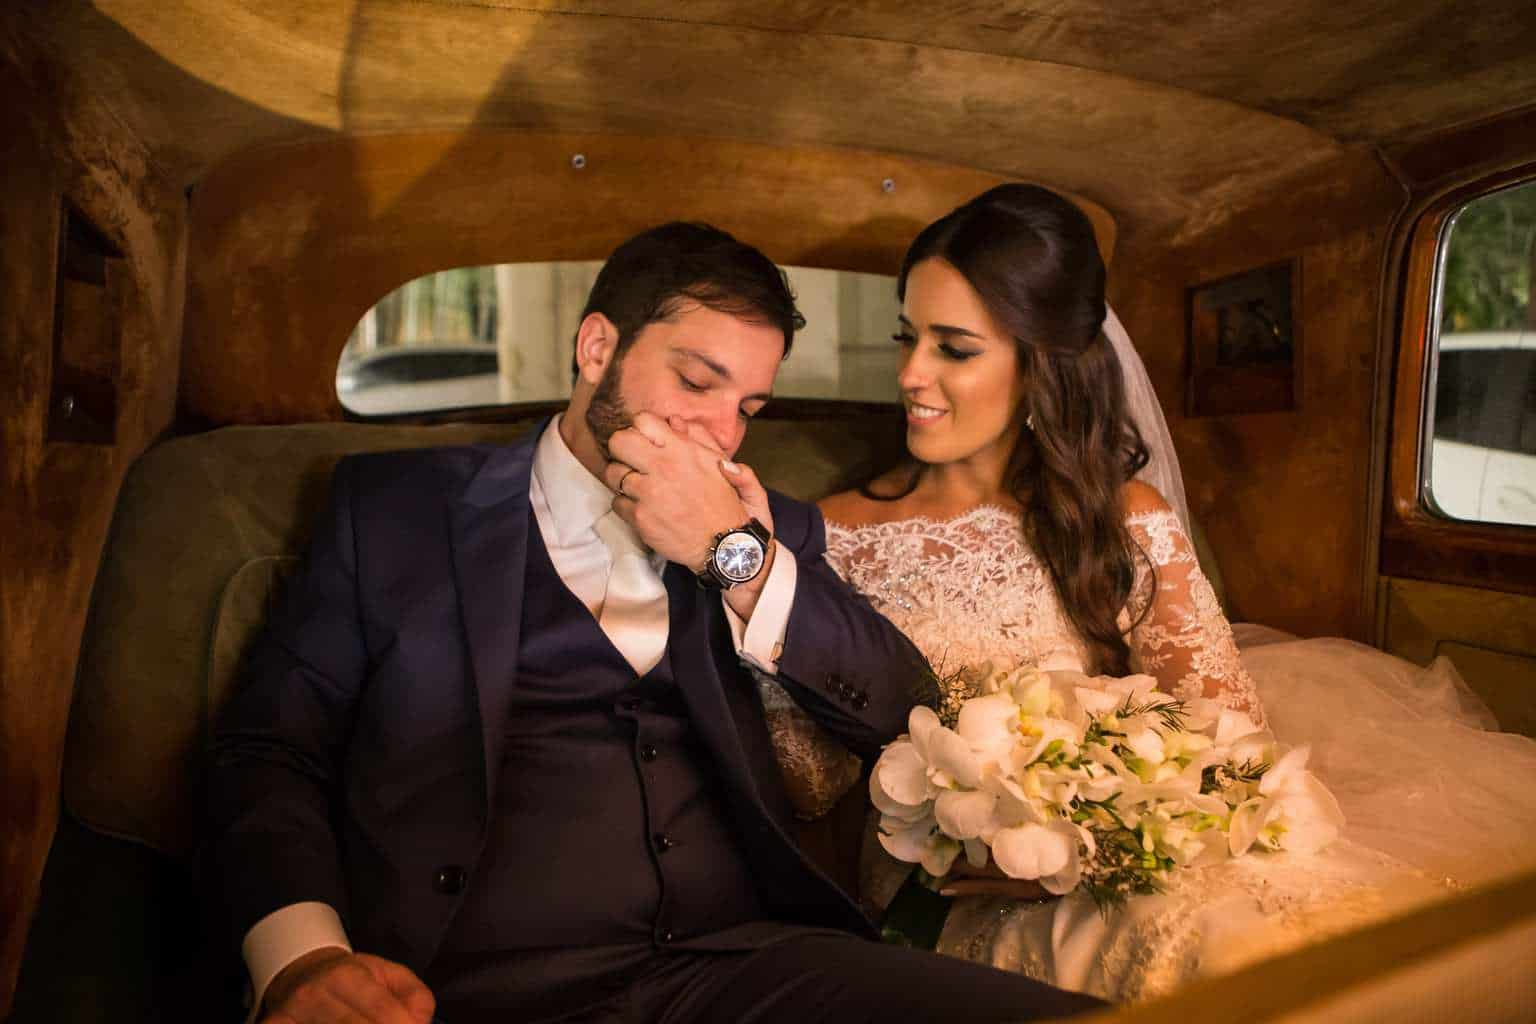 casamento-fernanda-e-leandro-casamento-sp-Fotografia-Produtora-7-casamento-clássico-casamento-tradicional-wedding-22